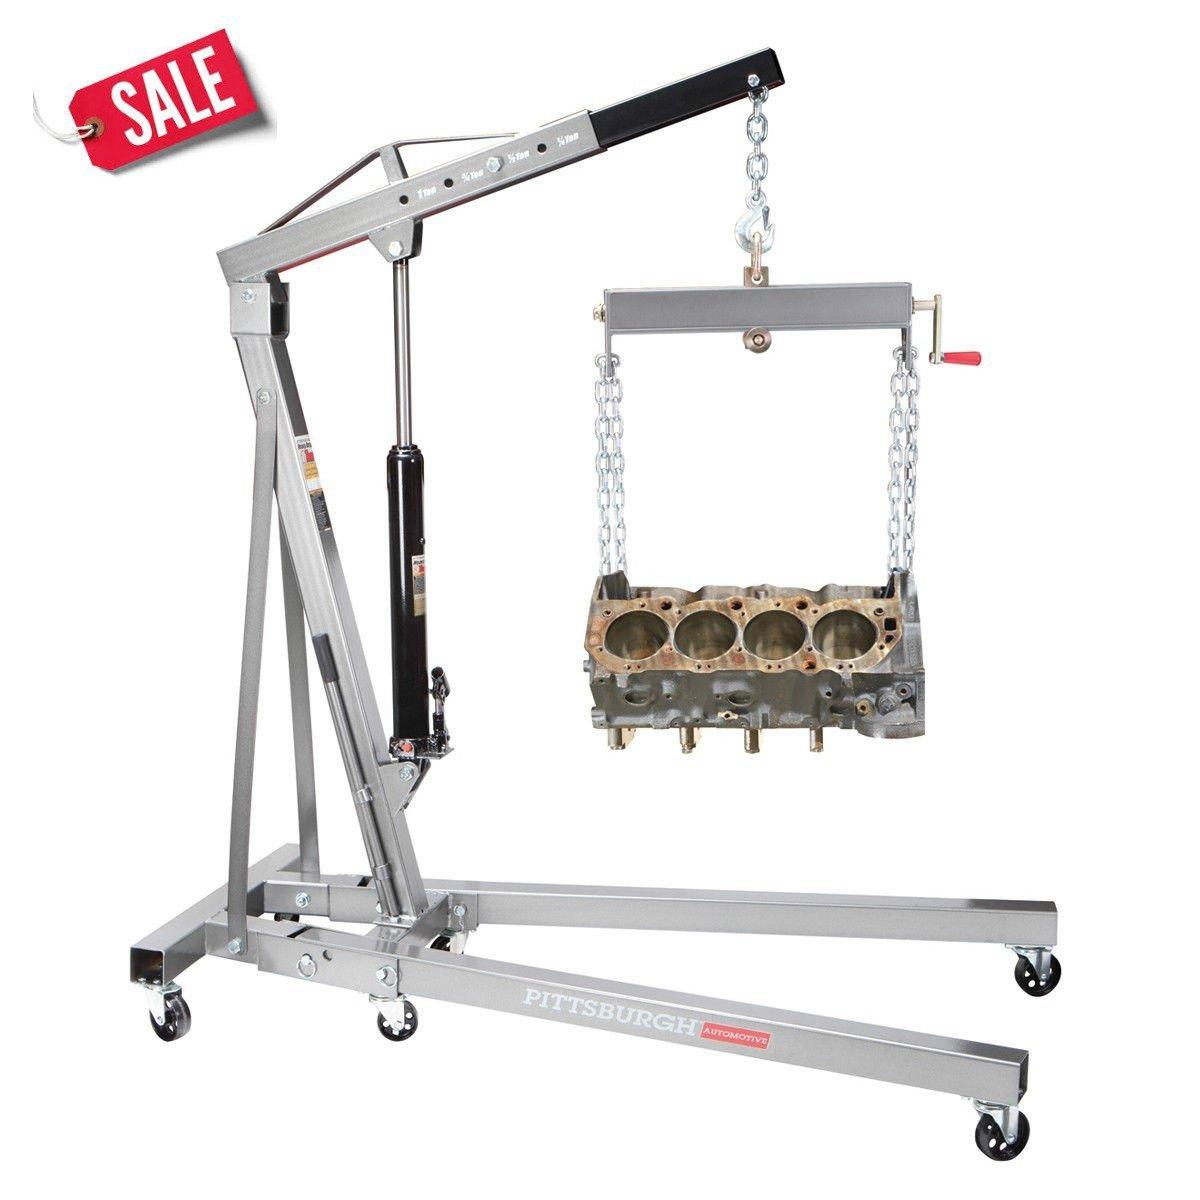 Motor Hoist Cherry Picker 1 Ton Engine Shop Crane Lift Foldable Durable - Skroutz